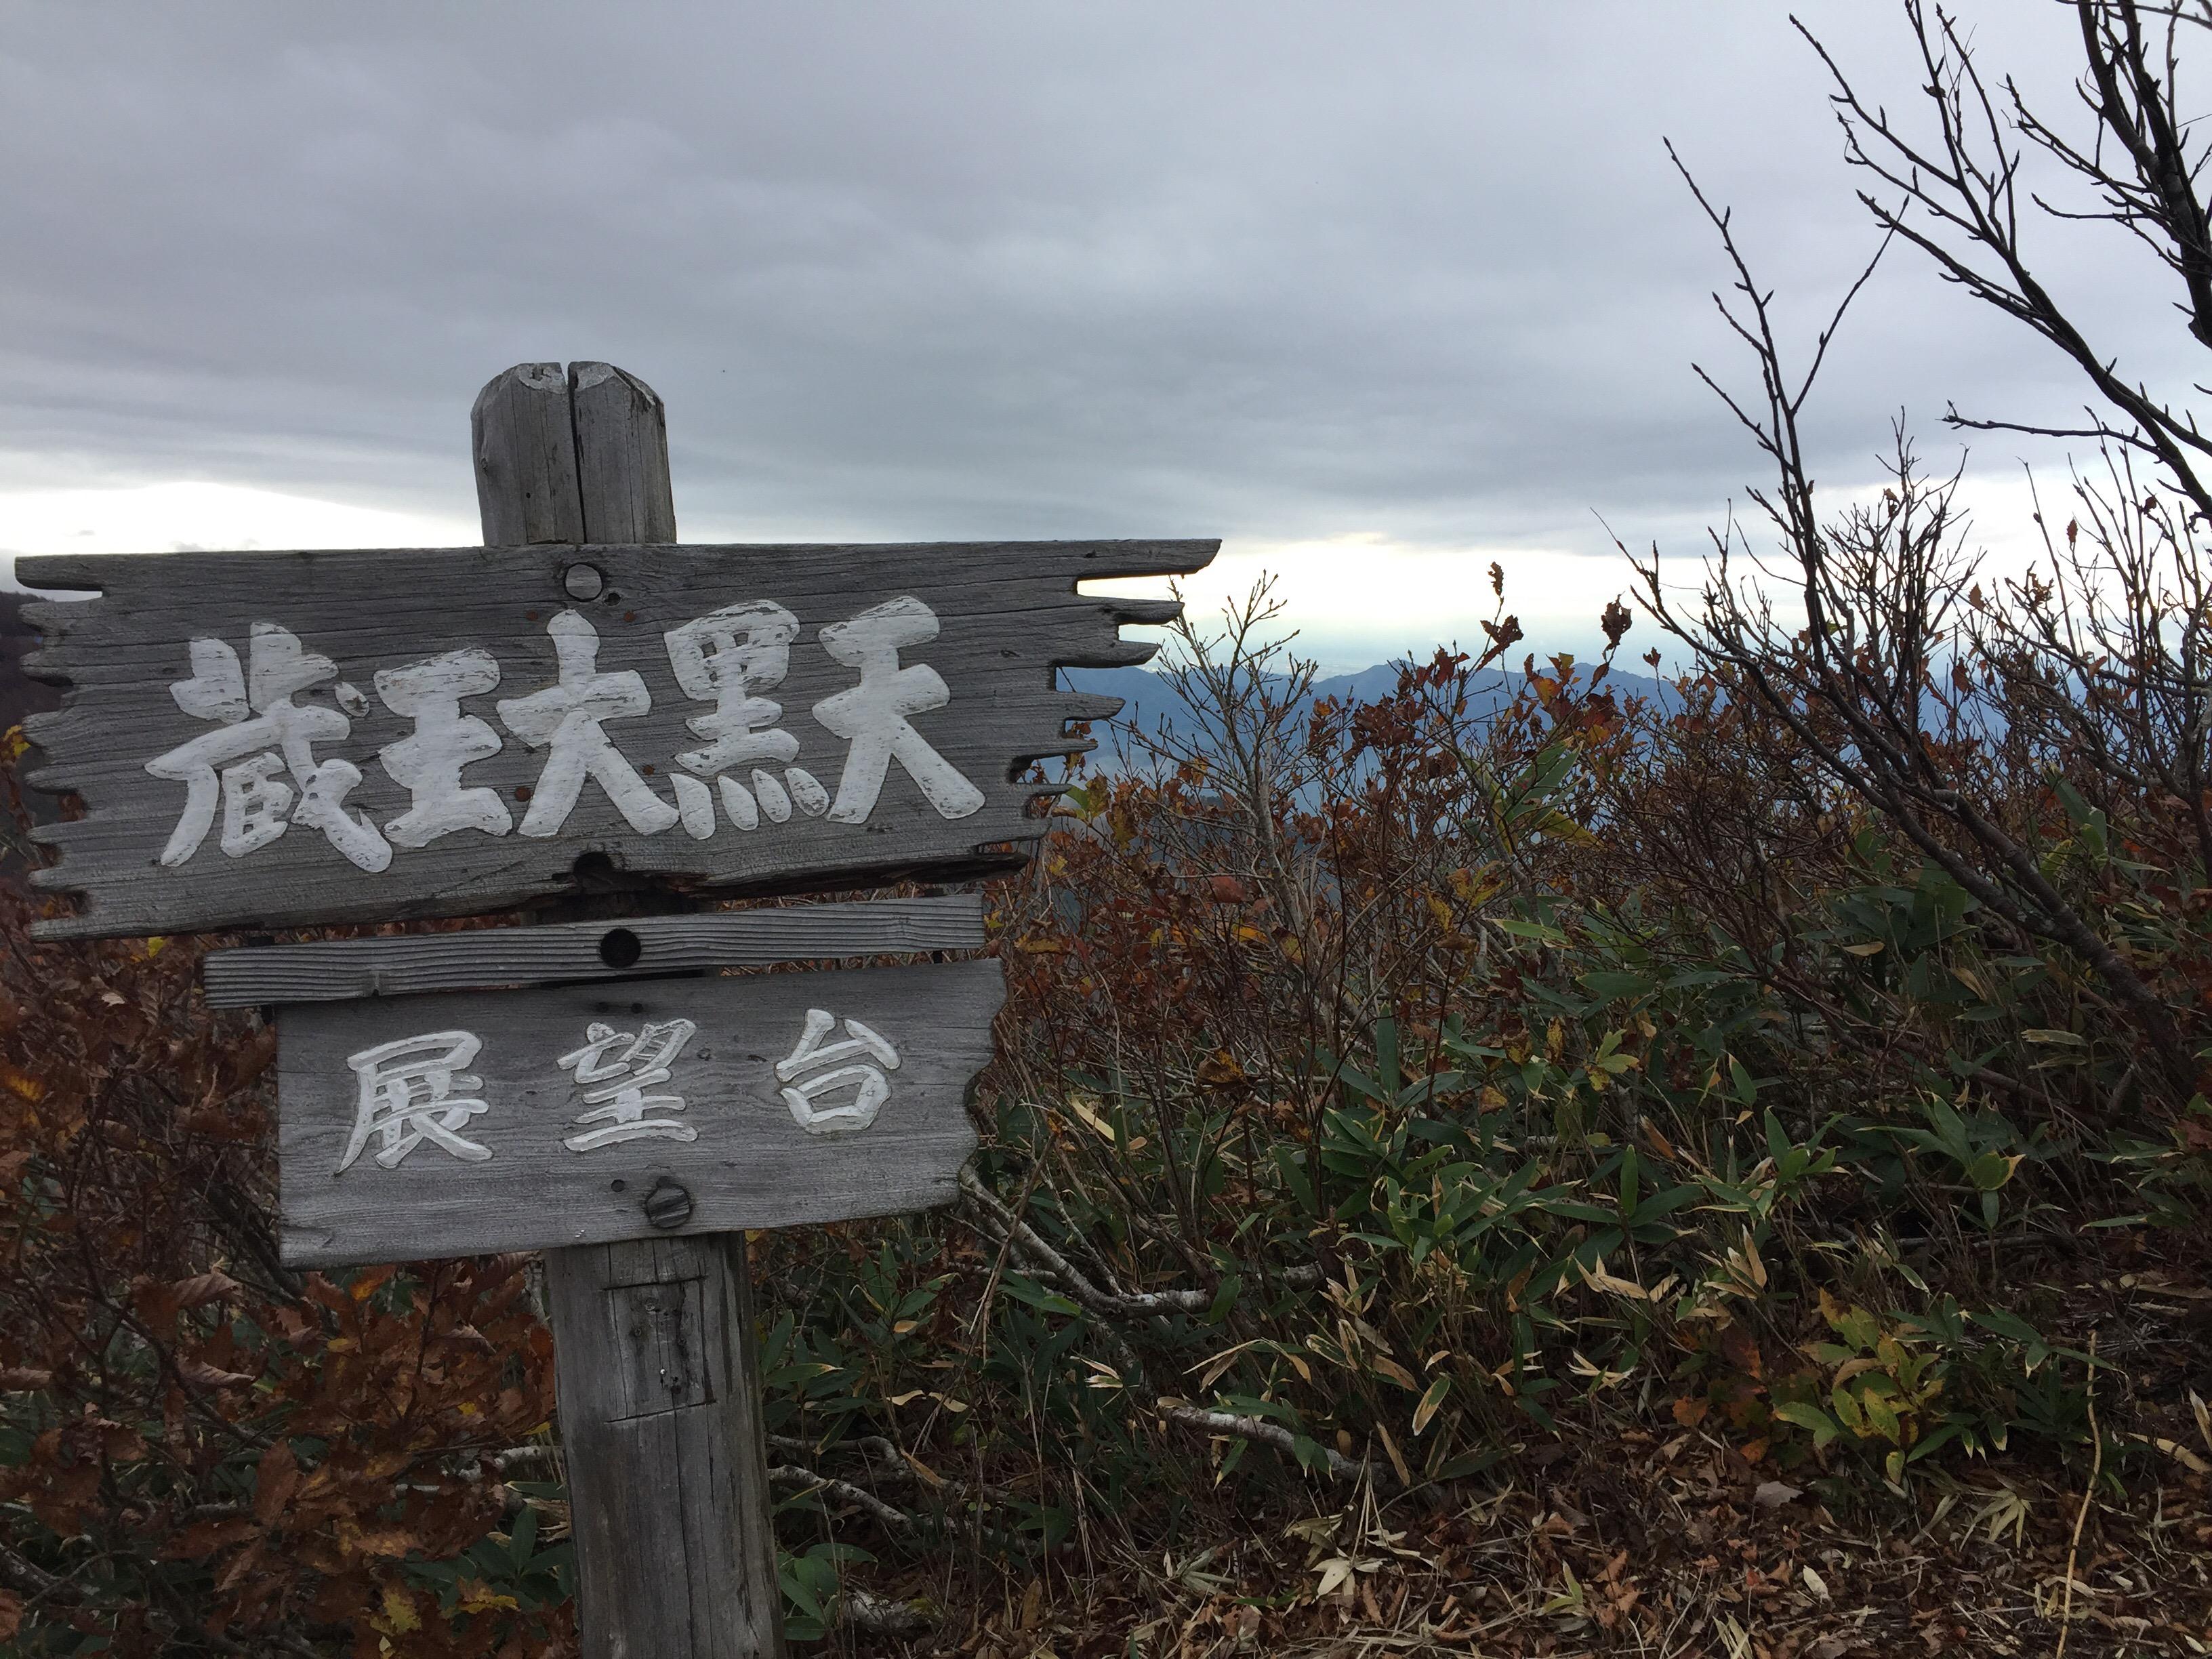 蔵王大黒天 鳥兜山展望台